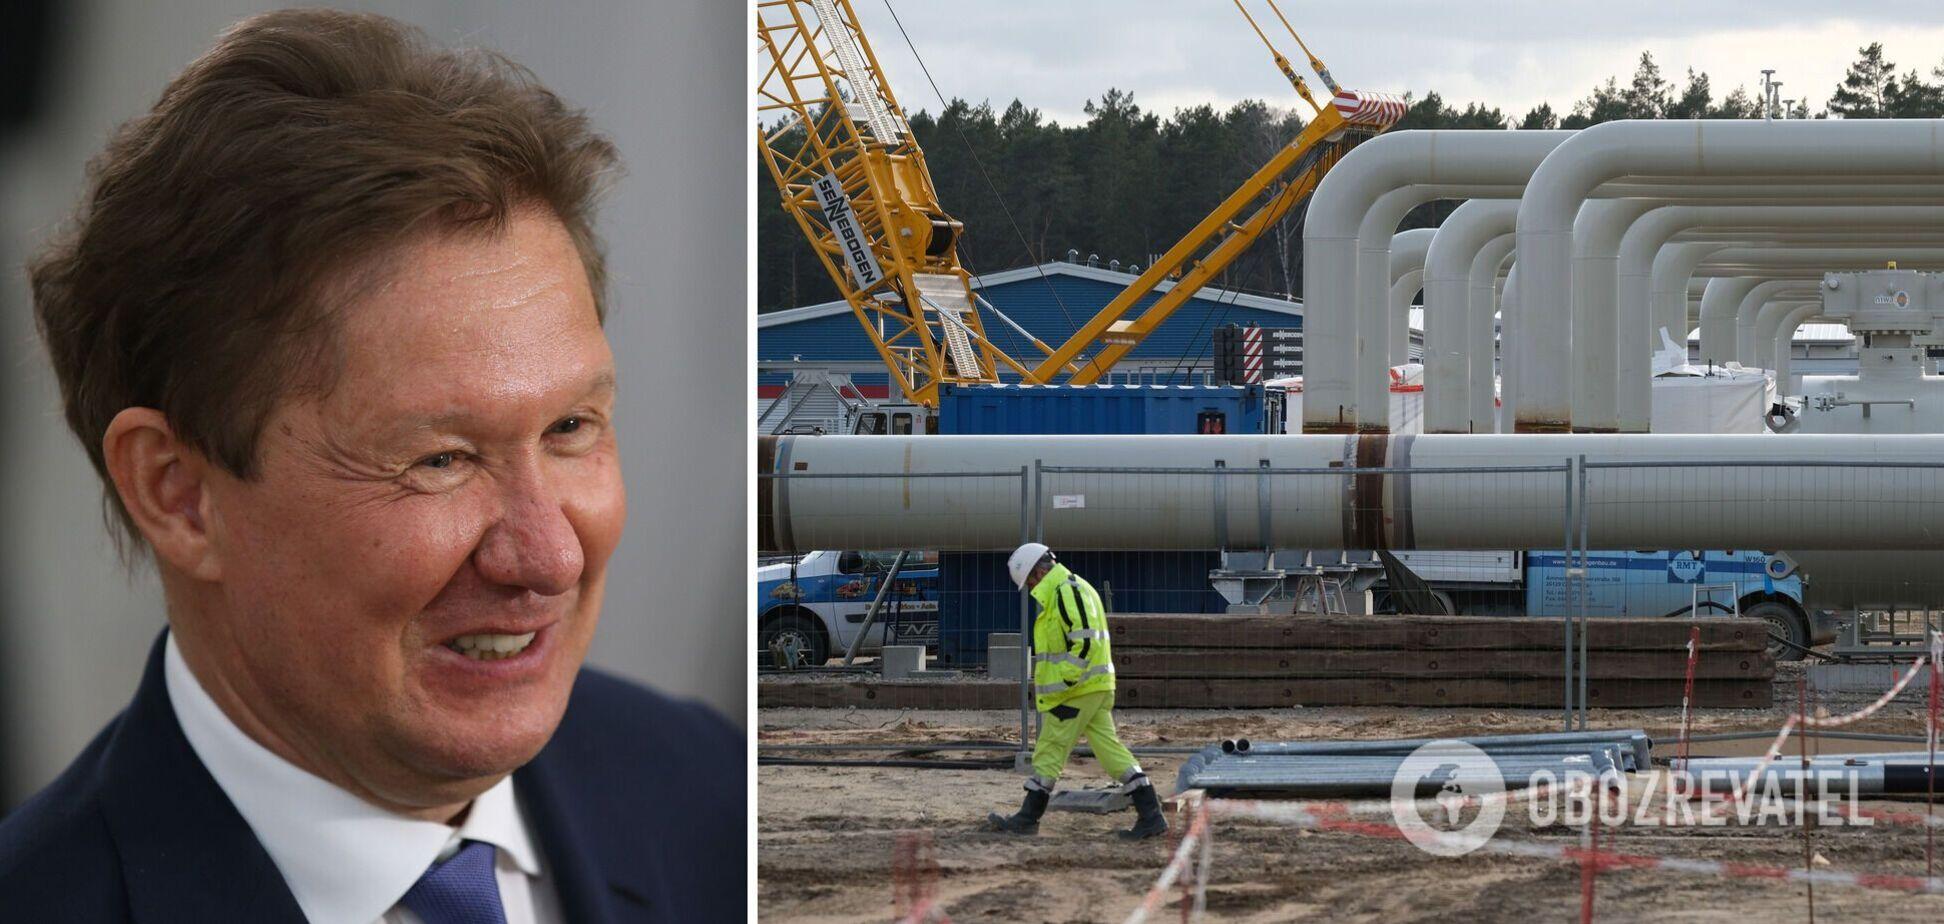 Алексей Миллер назвал сроки коммерческого запуска газопровода 'Северный поток-2'